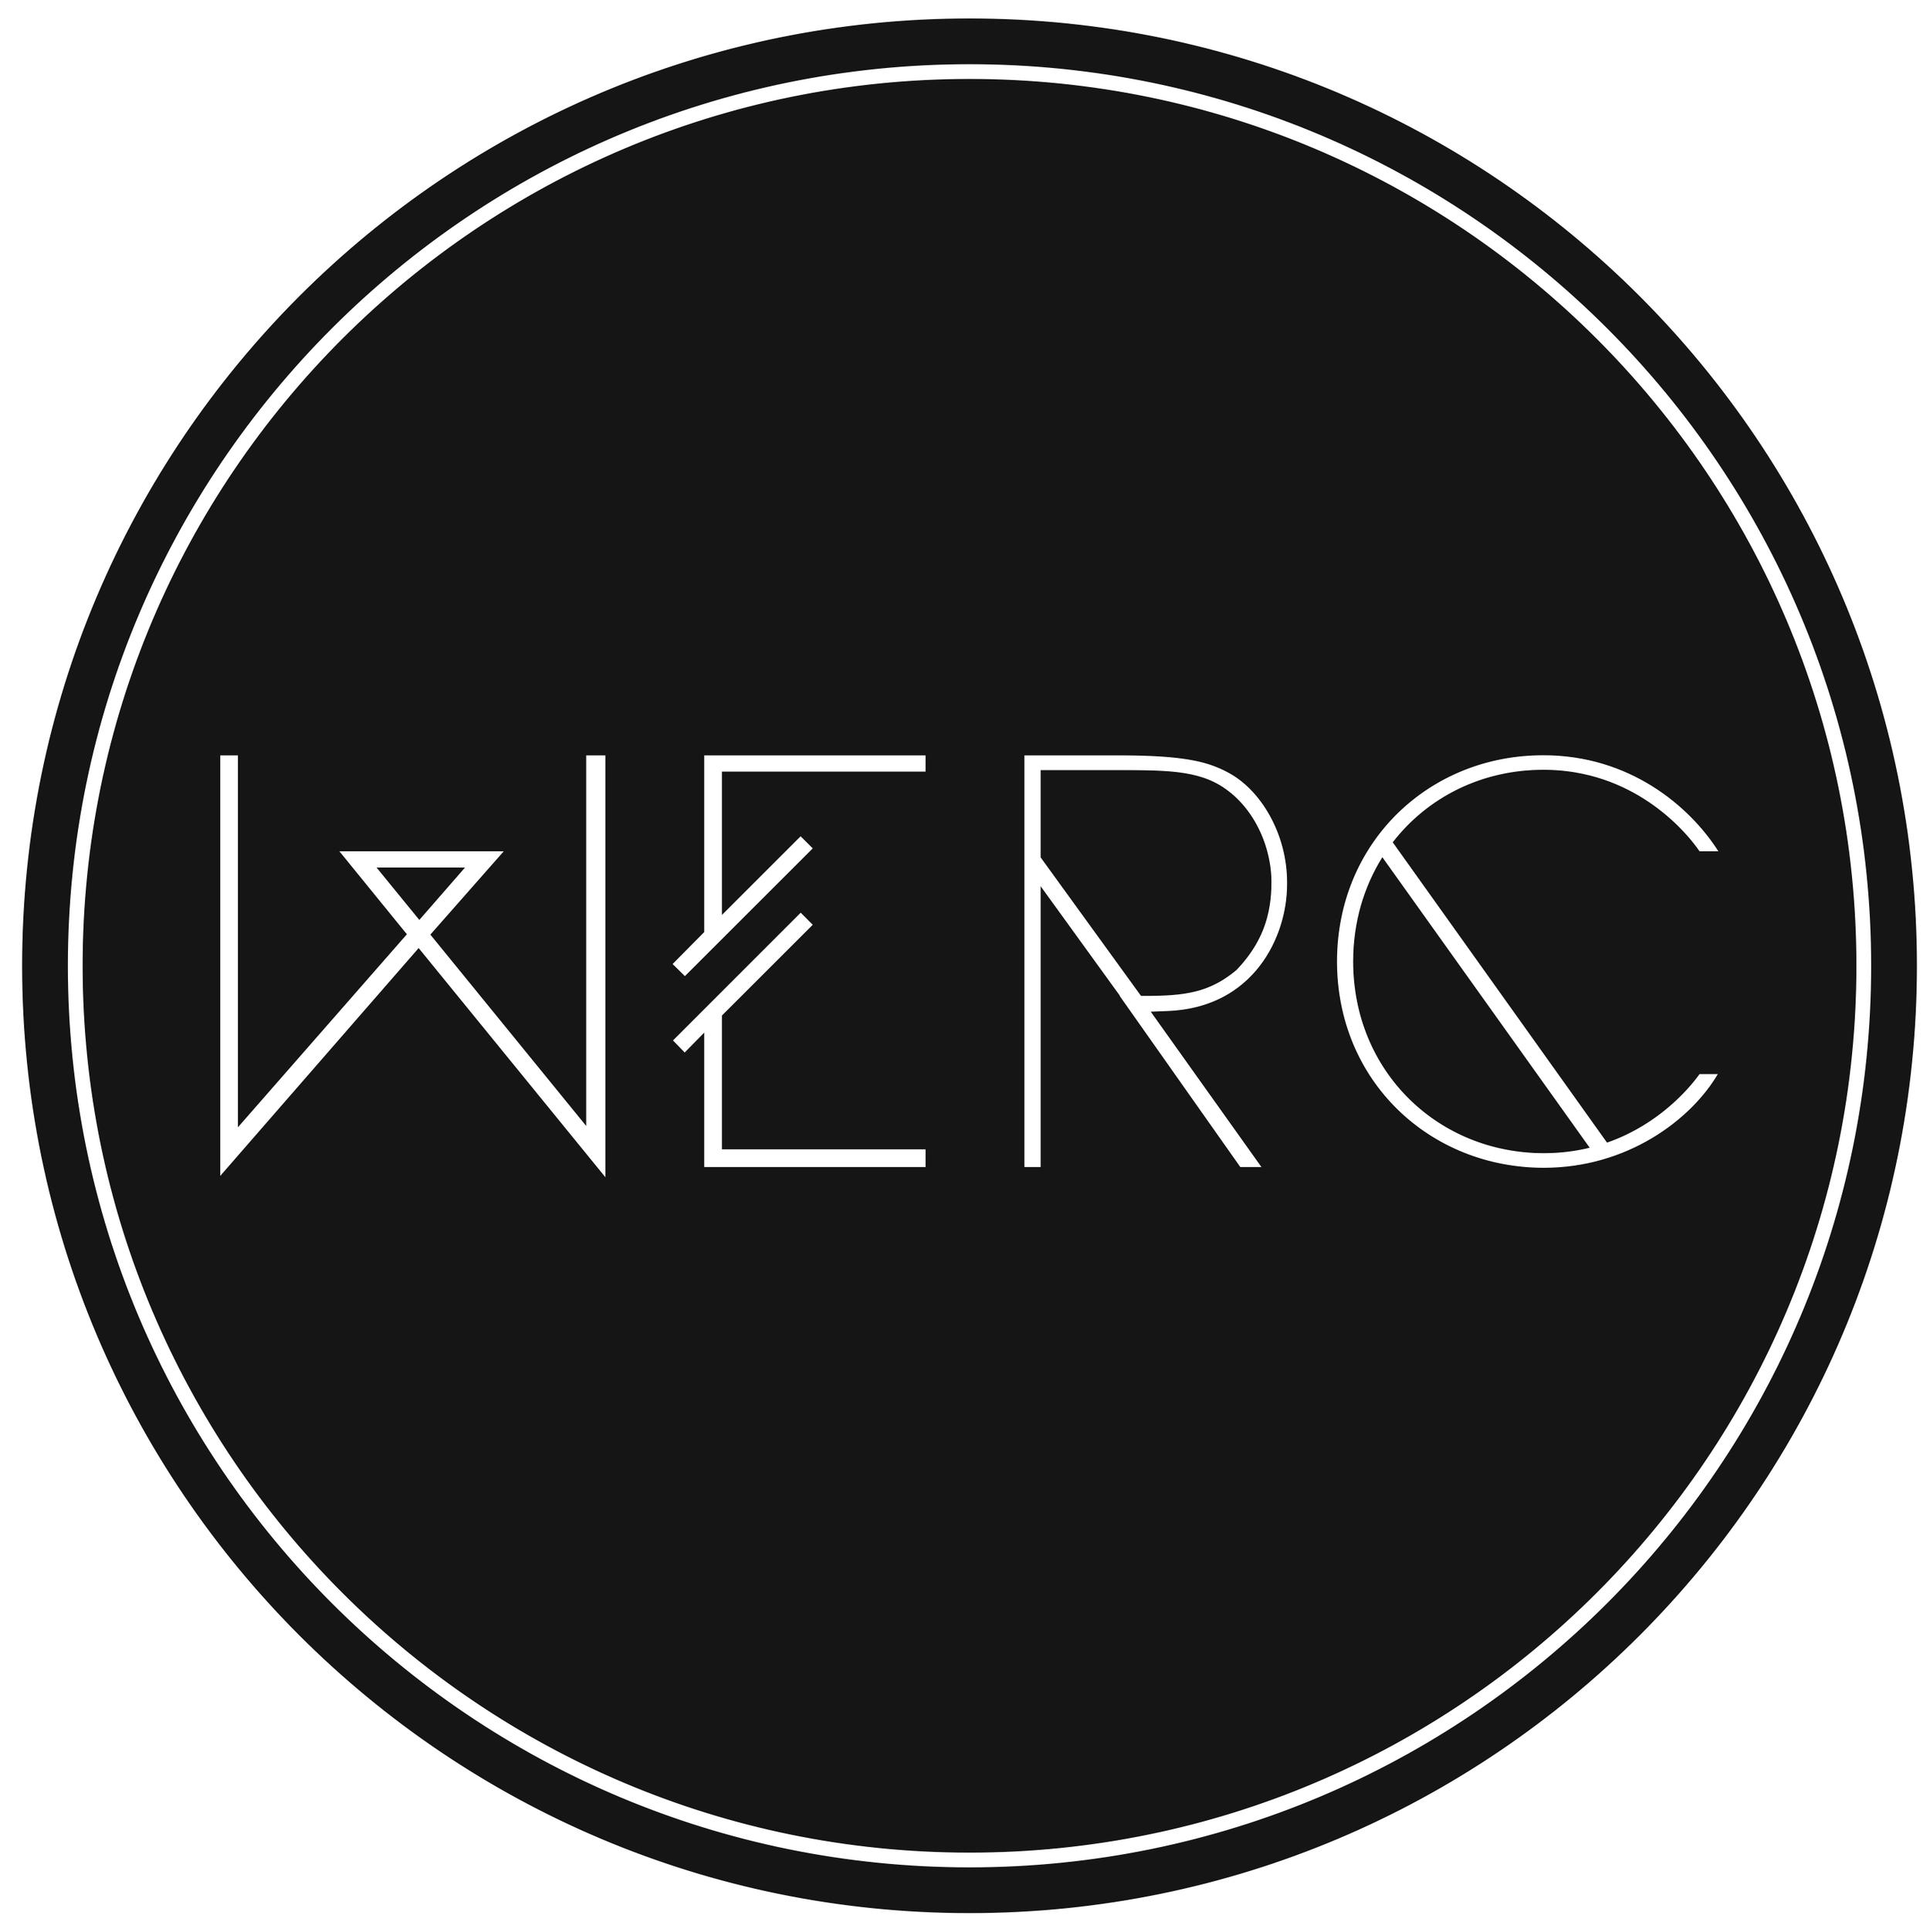 WERC logo black.jpg